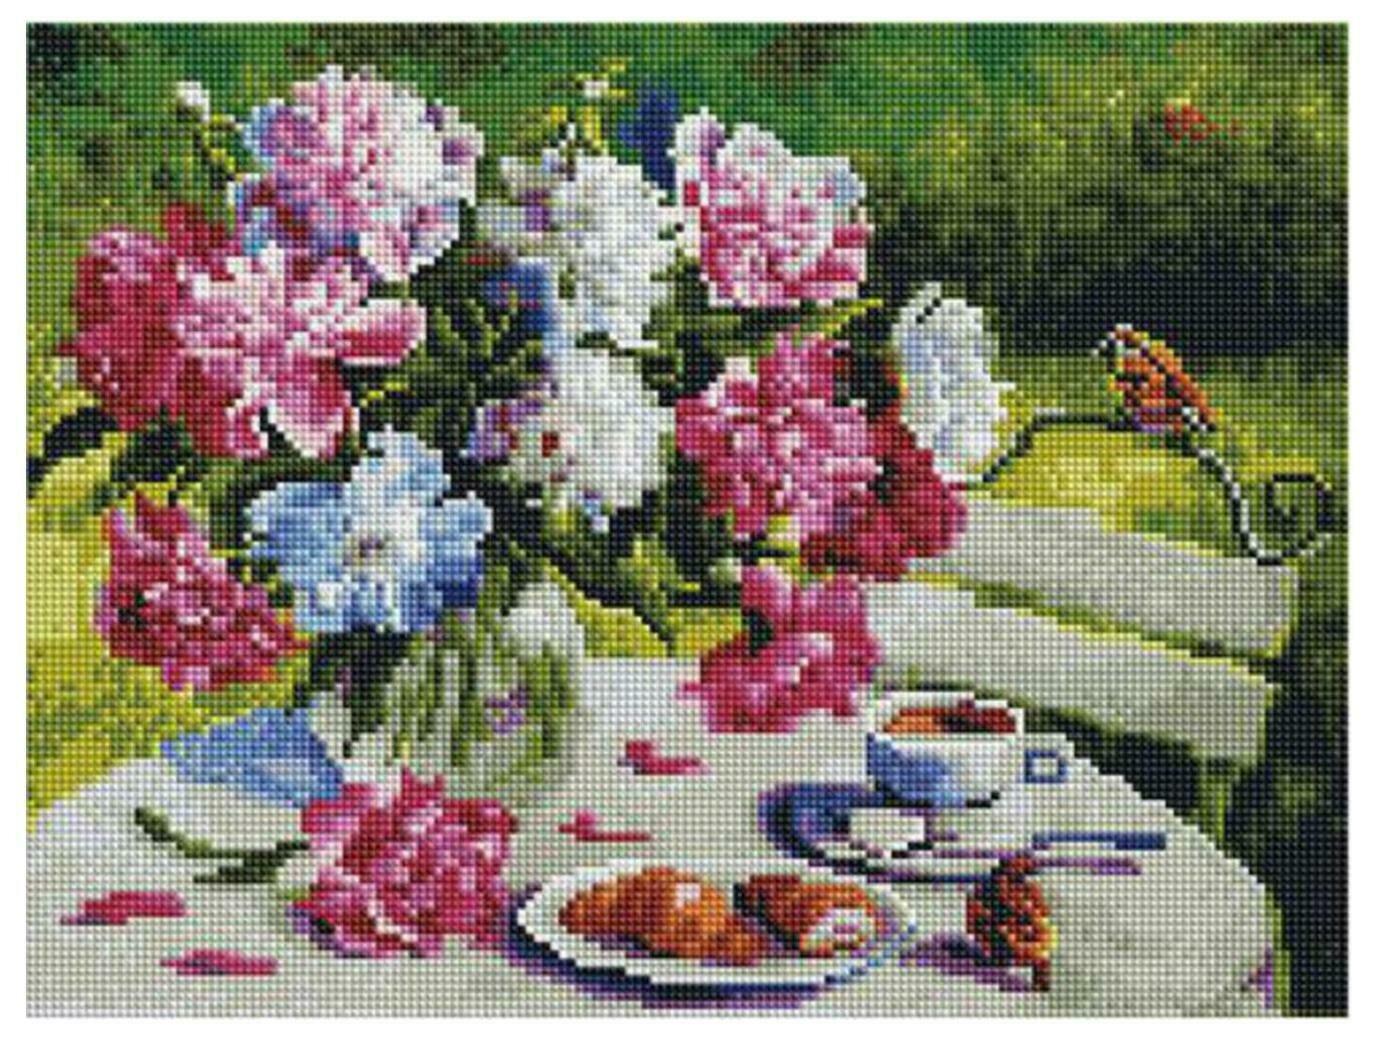 Алмазная мозаика Paintboy ACPK 79004 Пионовое утро (Воробьёва Ольга) 30*40